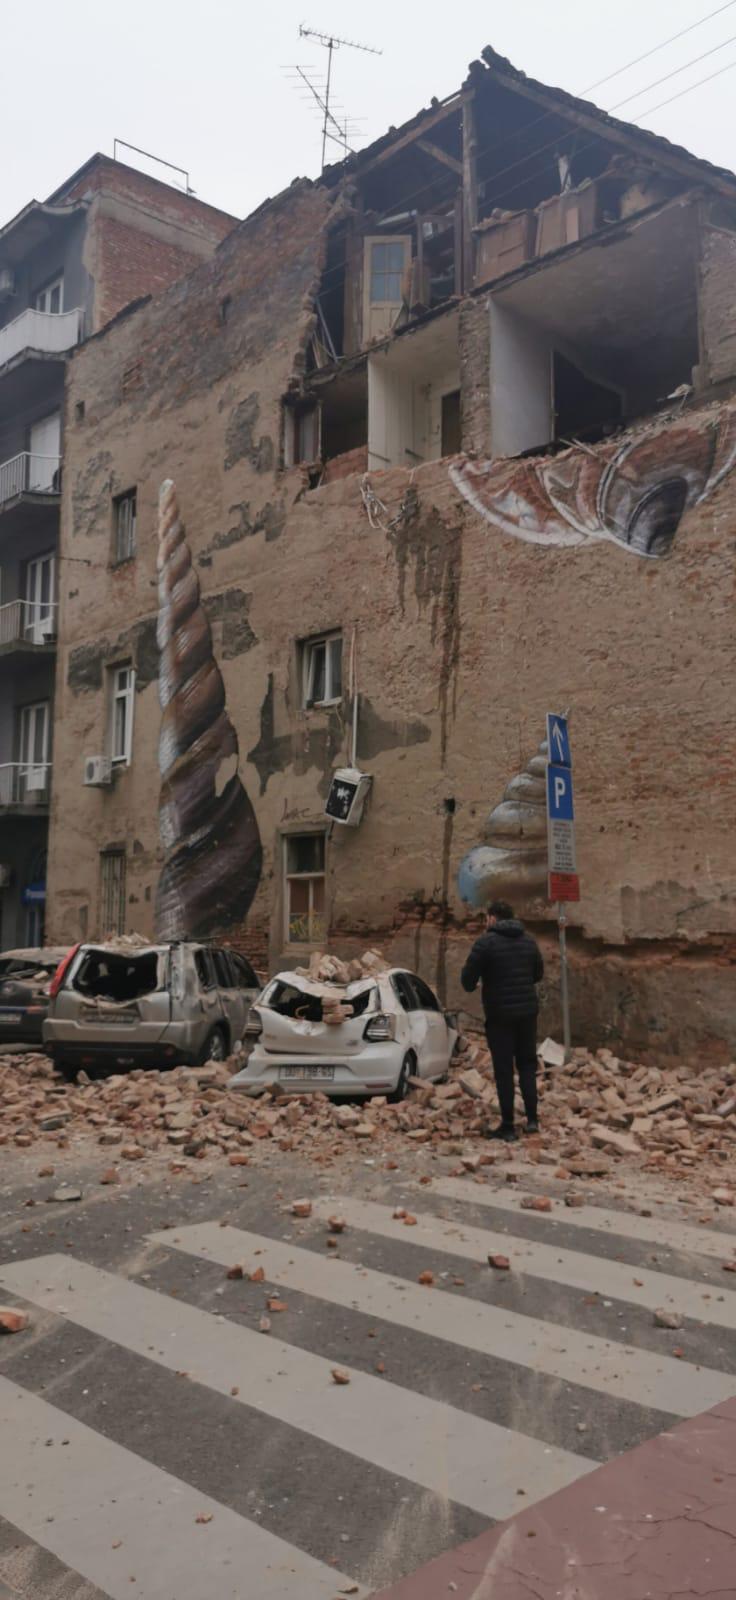 زلزلهای نسبتا شدید پایتخت کرواسی را لرزاند+ تصاویر